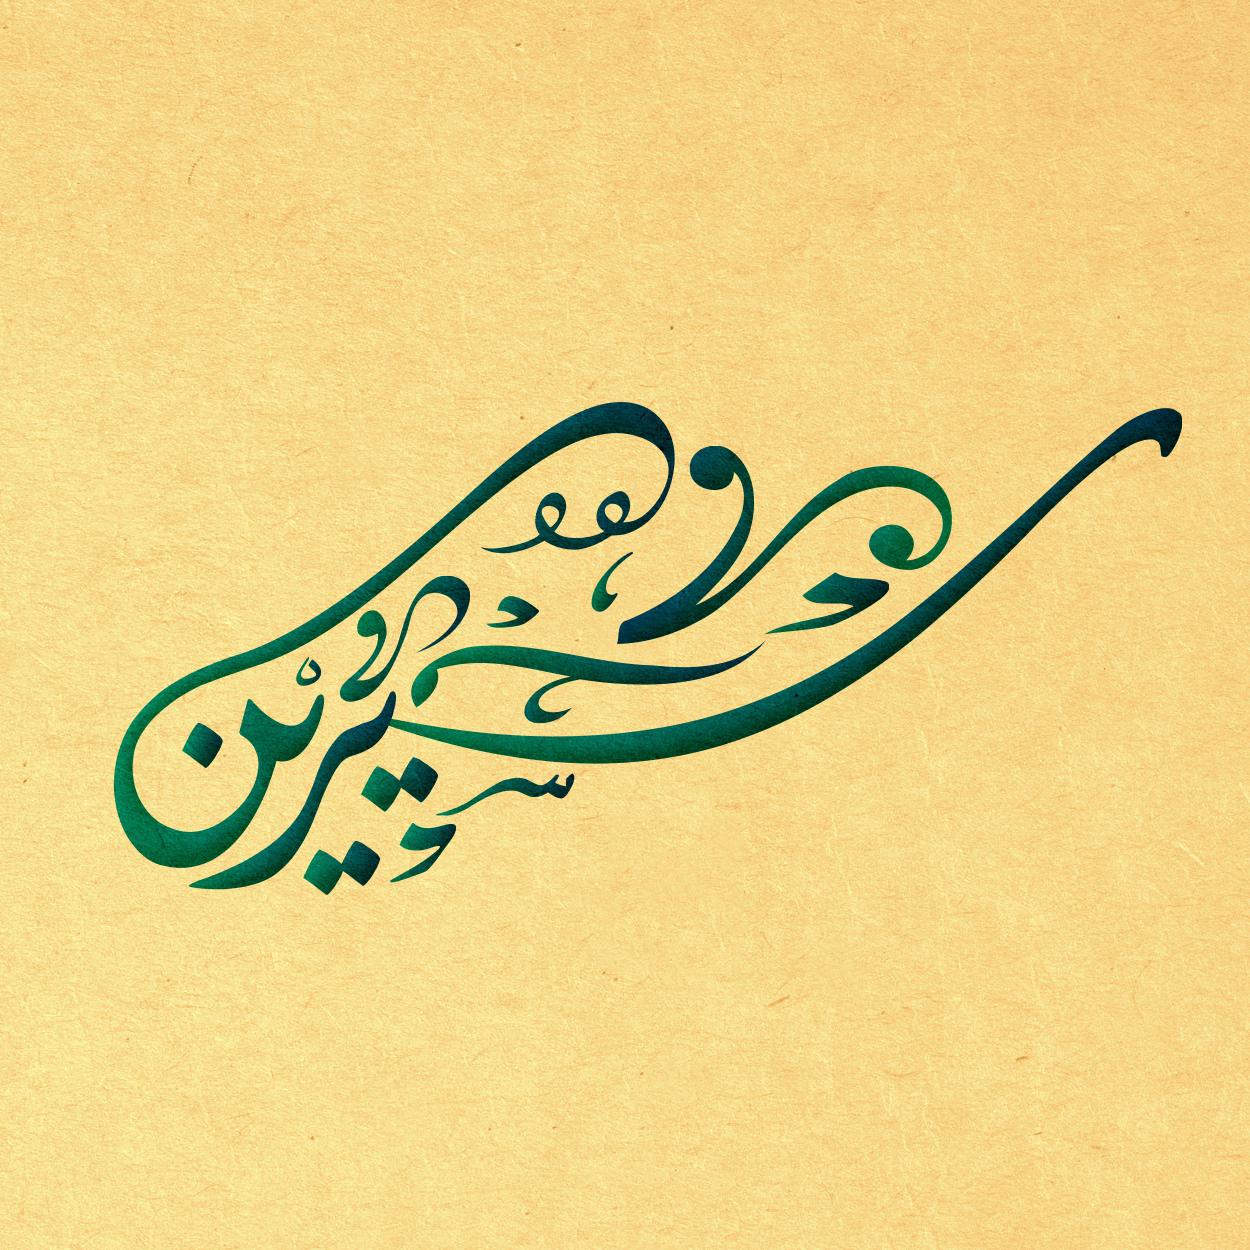 صورة اسماء مزخرفه للفيس , اجمل الصور المزخرفه 12379 3